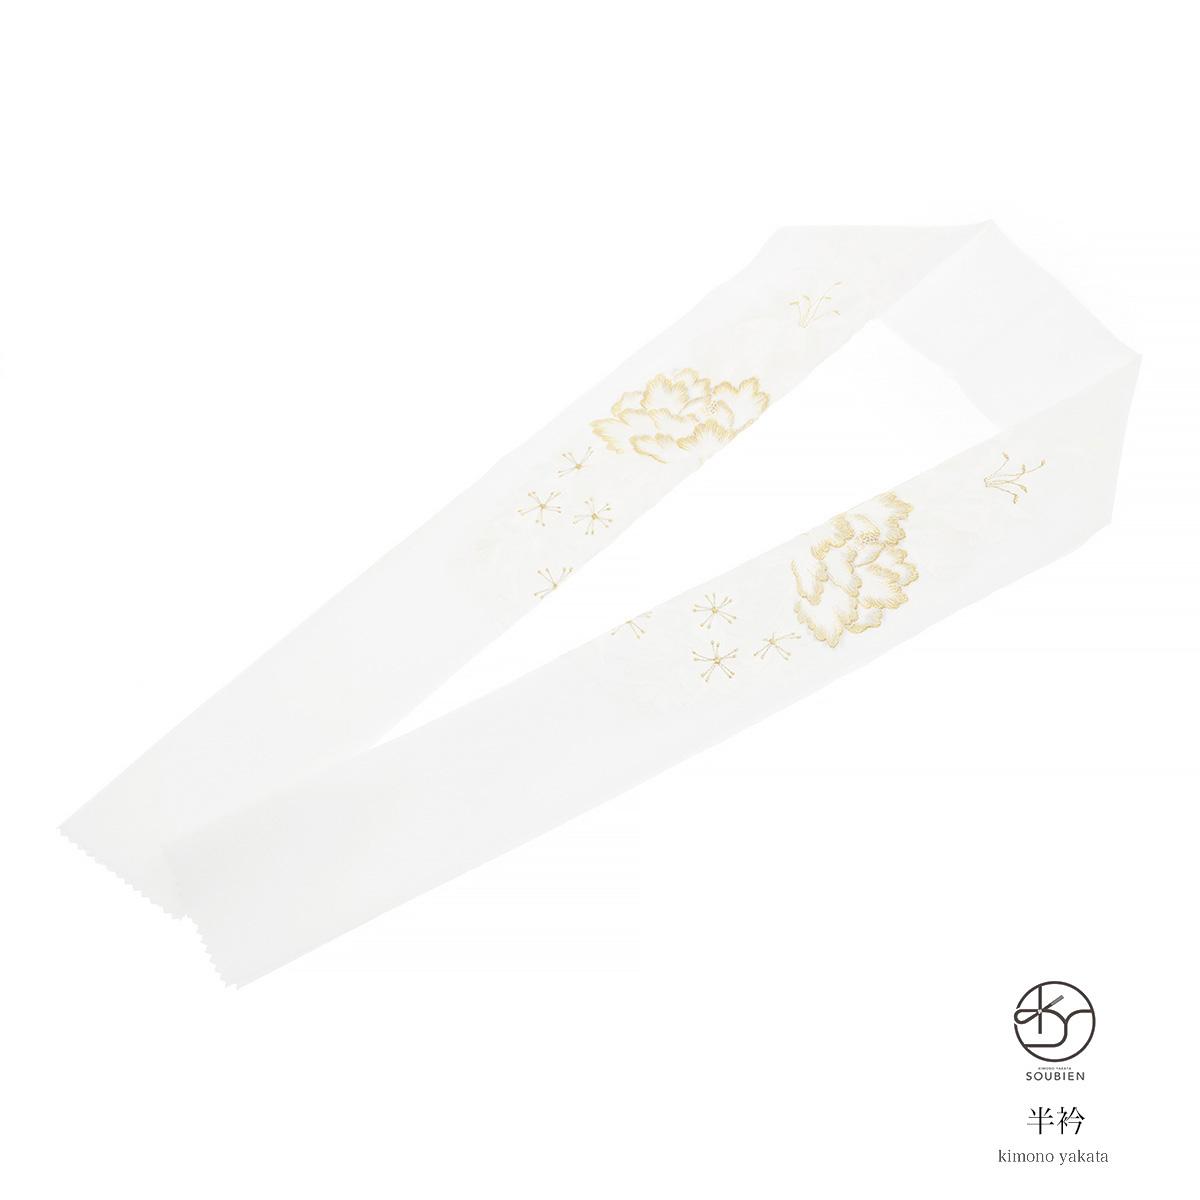 刺繍半衿 半襟 黒留袖 色留袖 訪問着 結婚式 着物用 祝華文 白 シルドール フローラ フォーマル 和装 半襟 【あす楽対応】